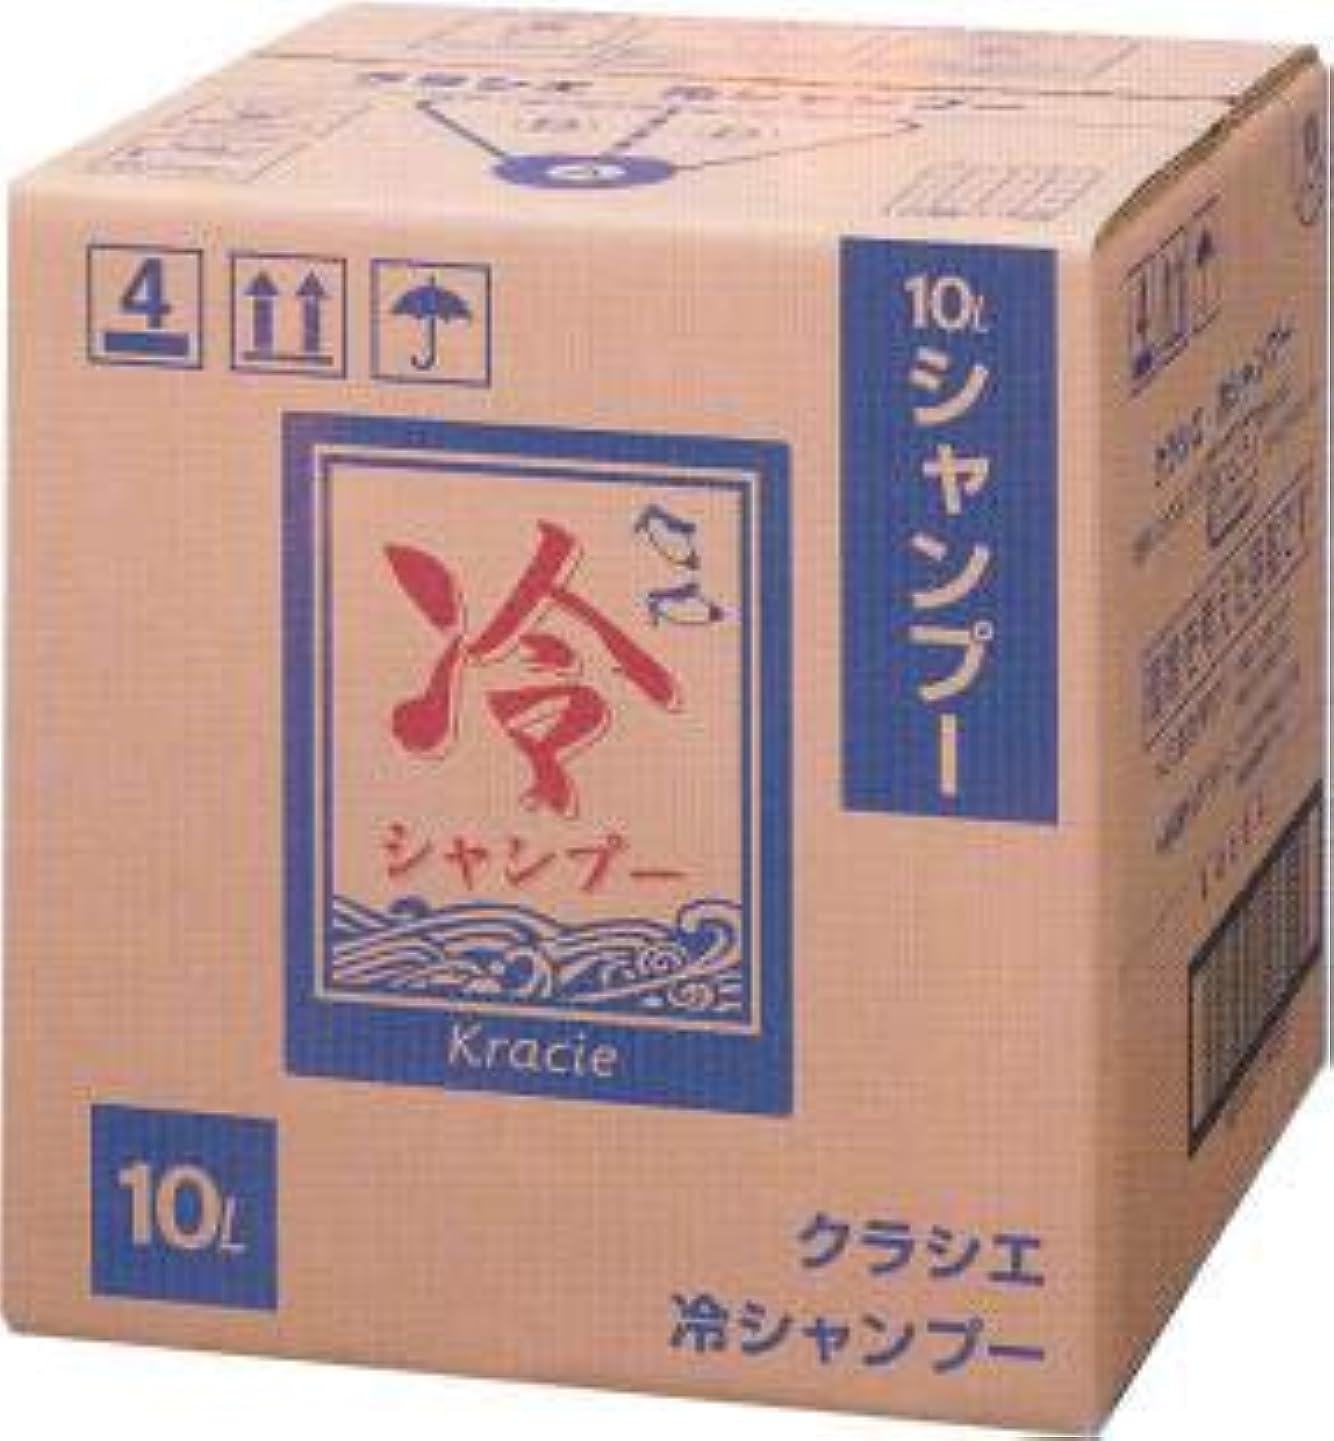 溶ける同種の温度kracie クラシエ 冷 シャンプー 10L 詰め替え 業務用